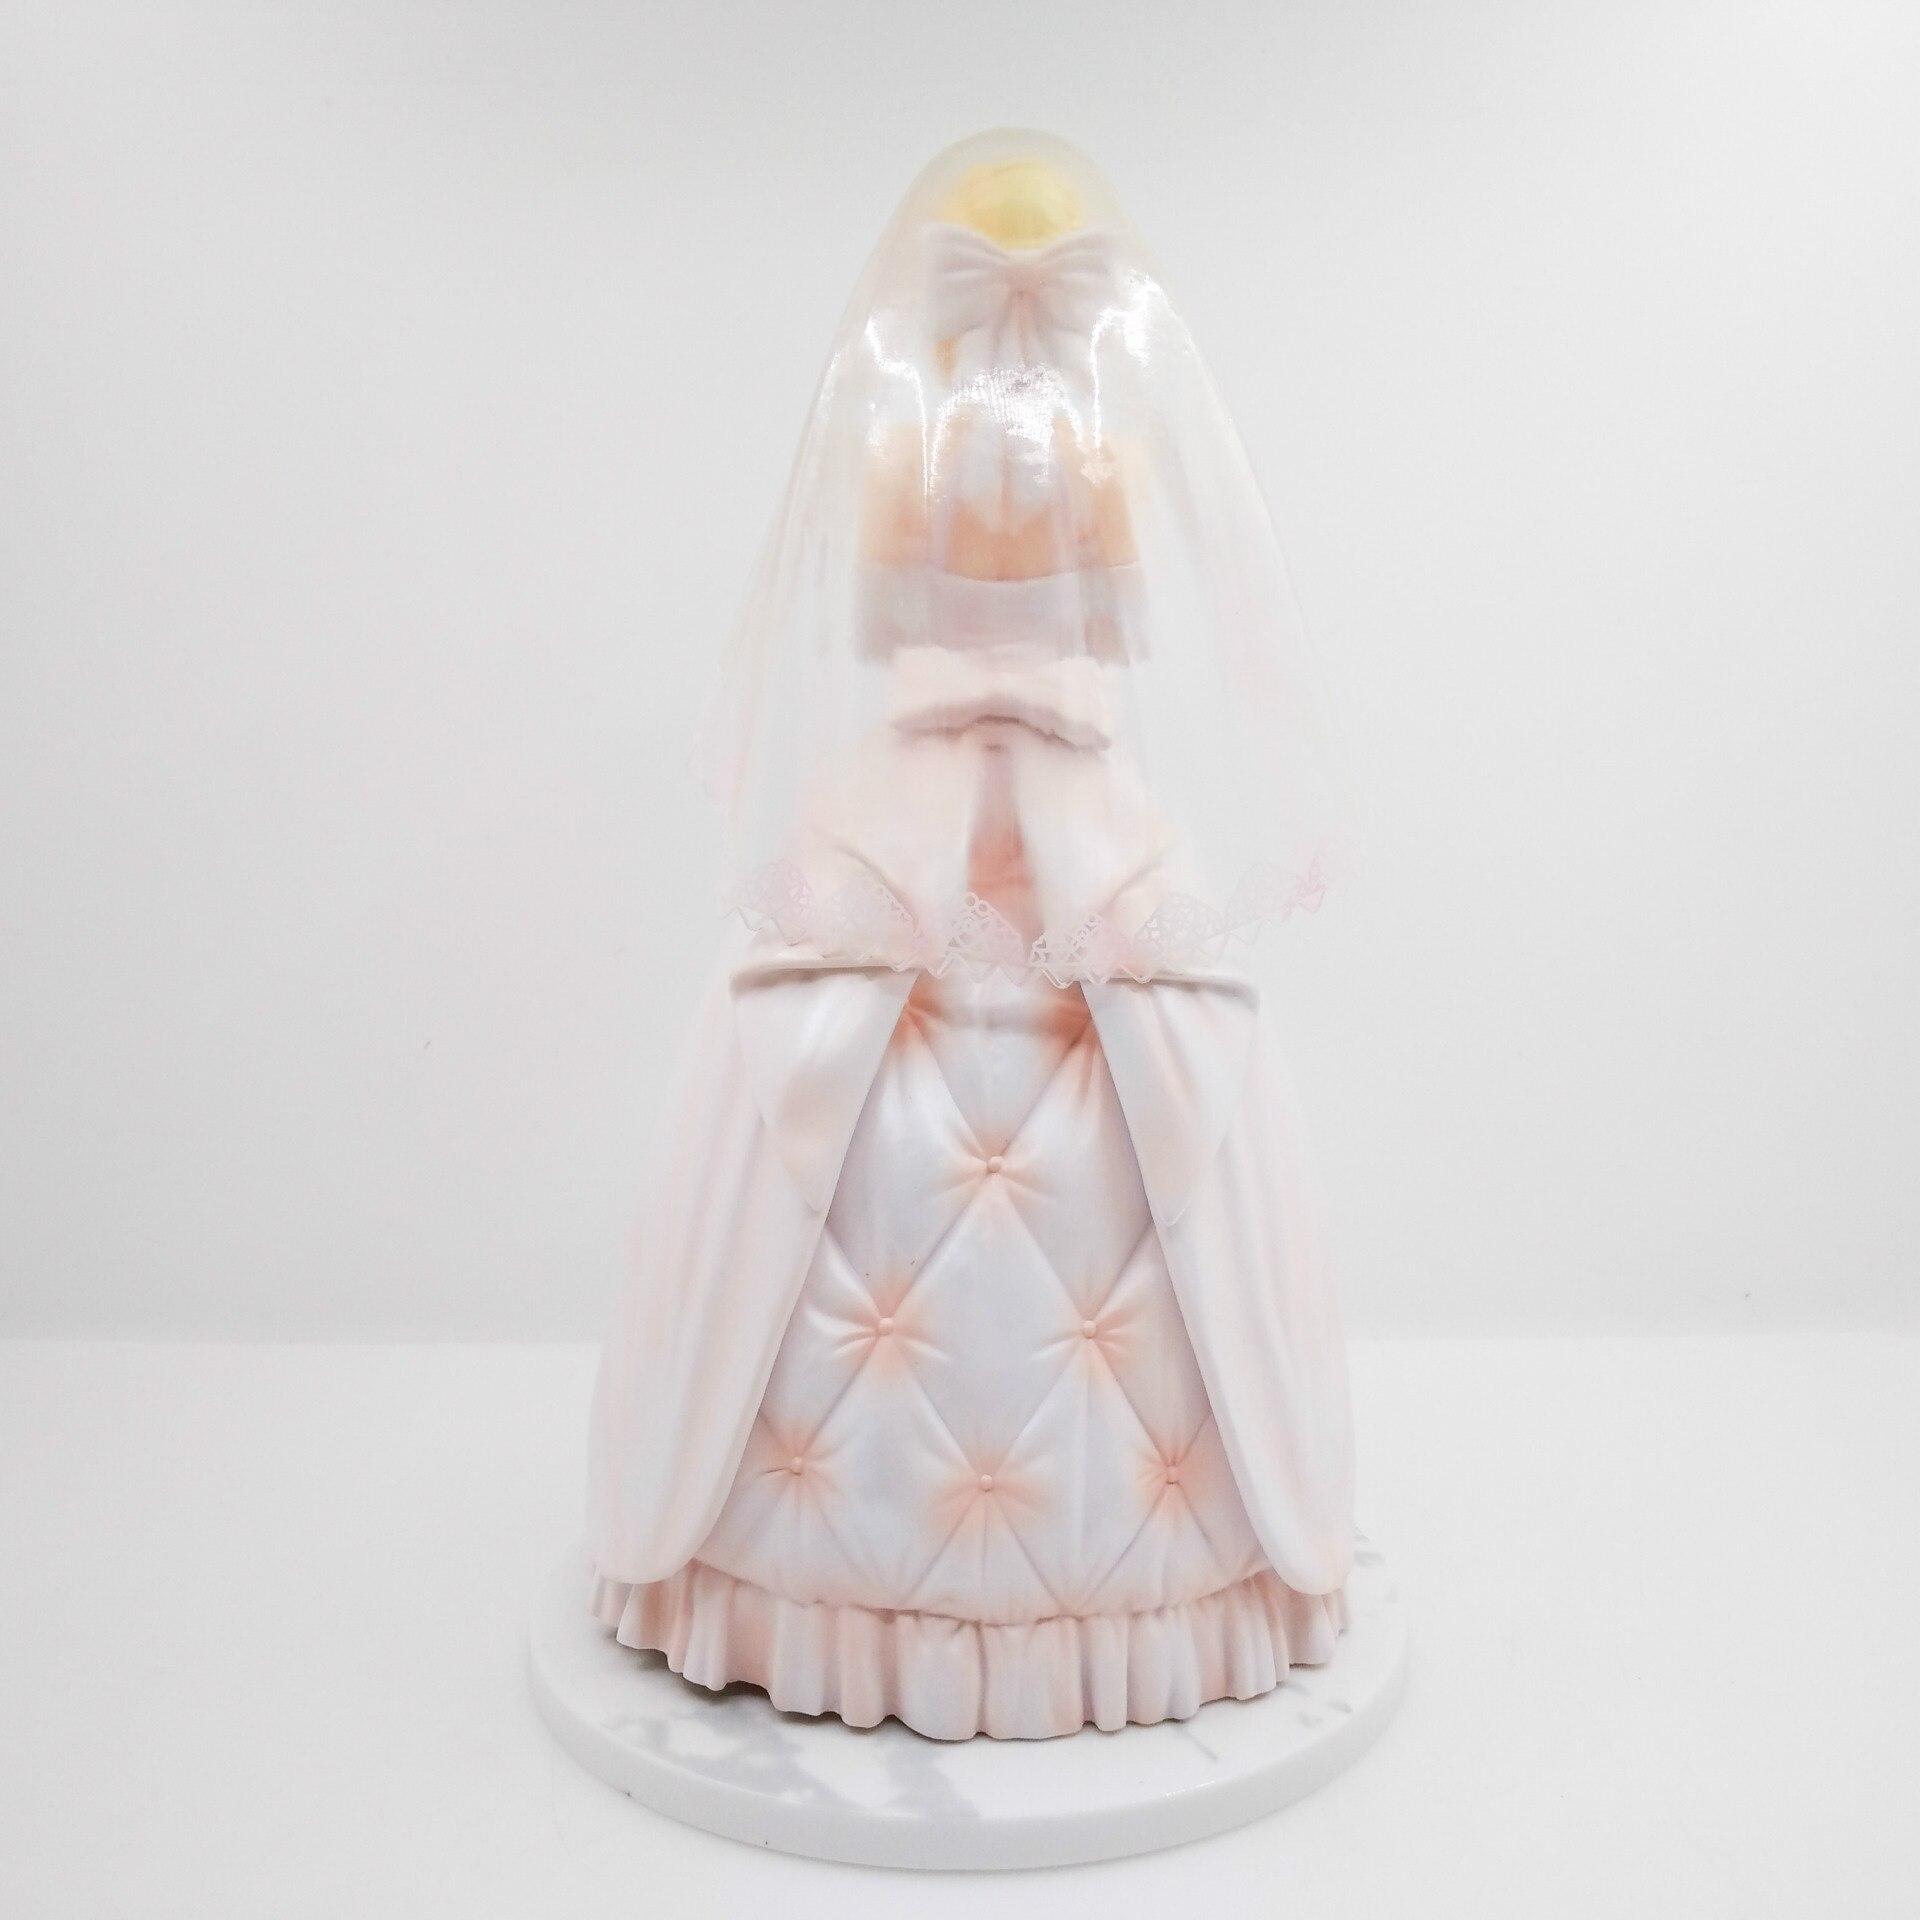 Destin/séjour sabre de nuit lily robe royale robe de mariée blanche 10th anniversaire figurine d'action PVC 25 cm collection sabre poupée de mariage - 4